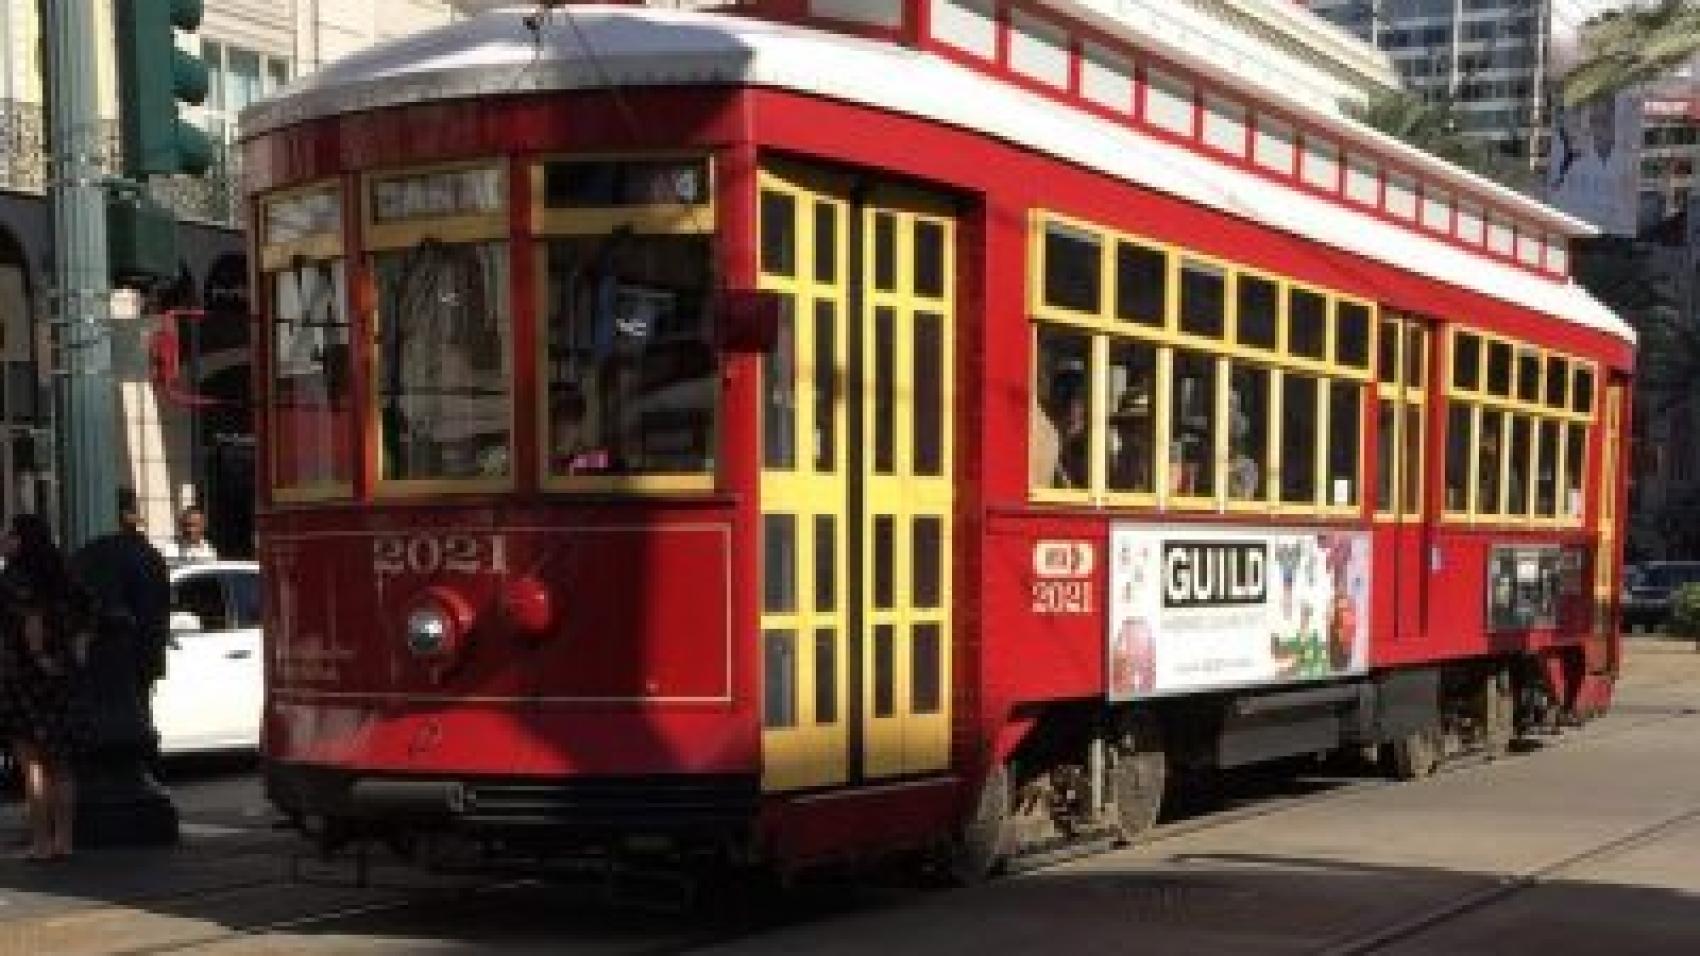 tram-small-nola.jpg